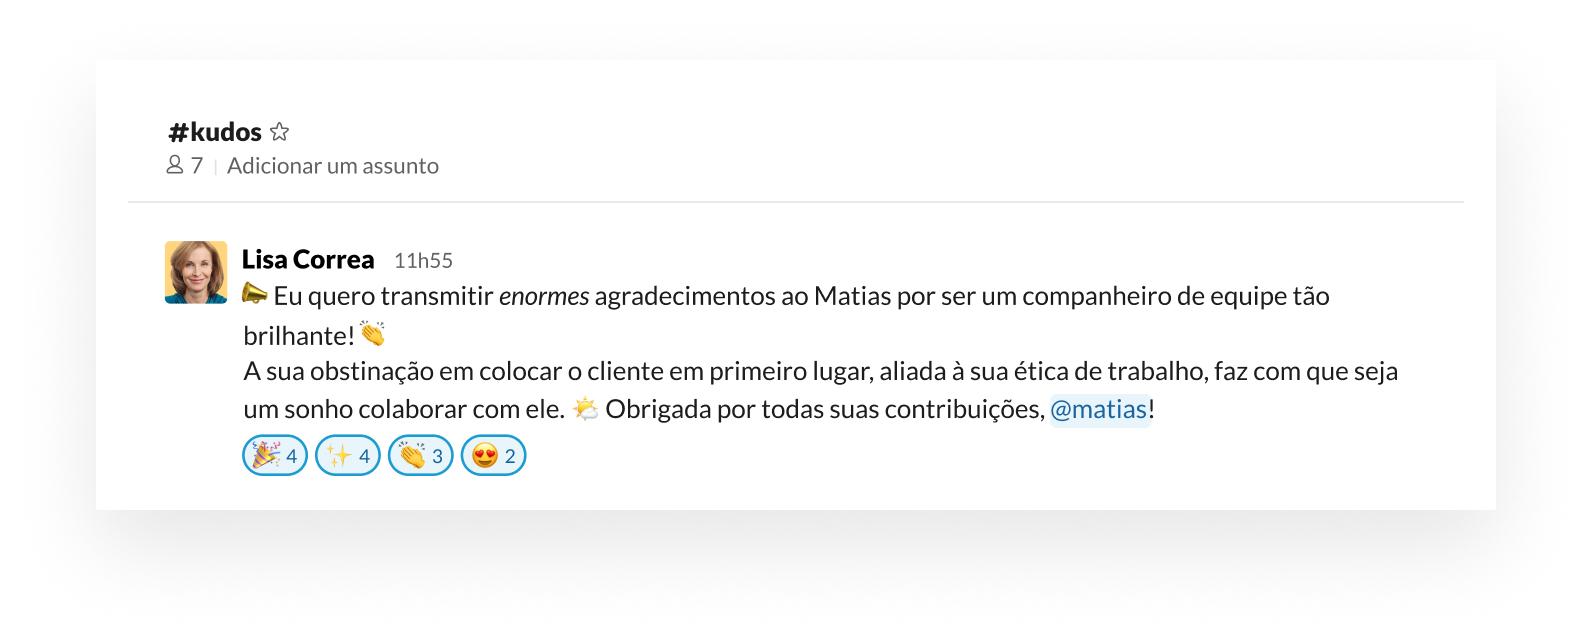 Exemplo de como apoiar e comemorar as conquistas da sua equipe com emojis do Slack